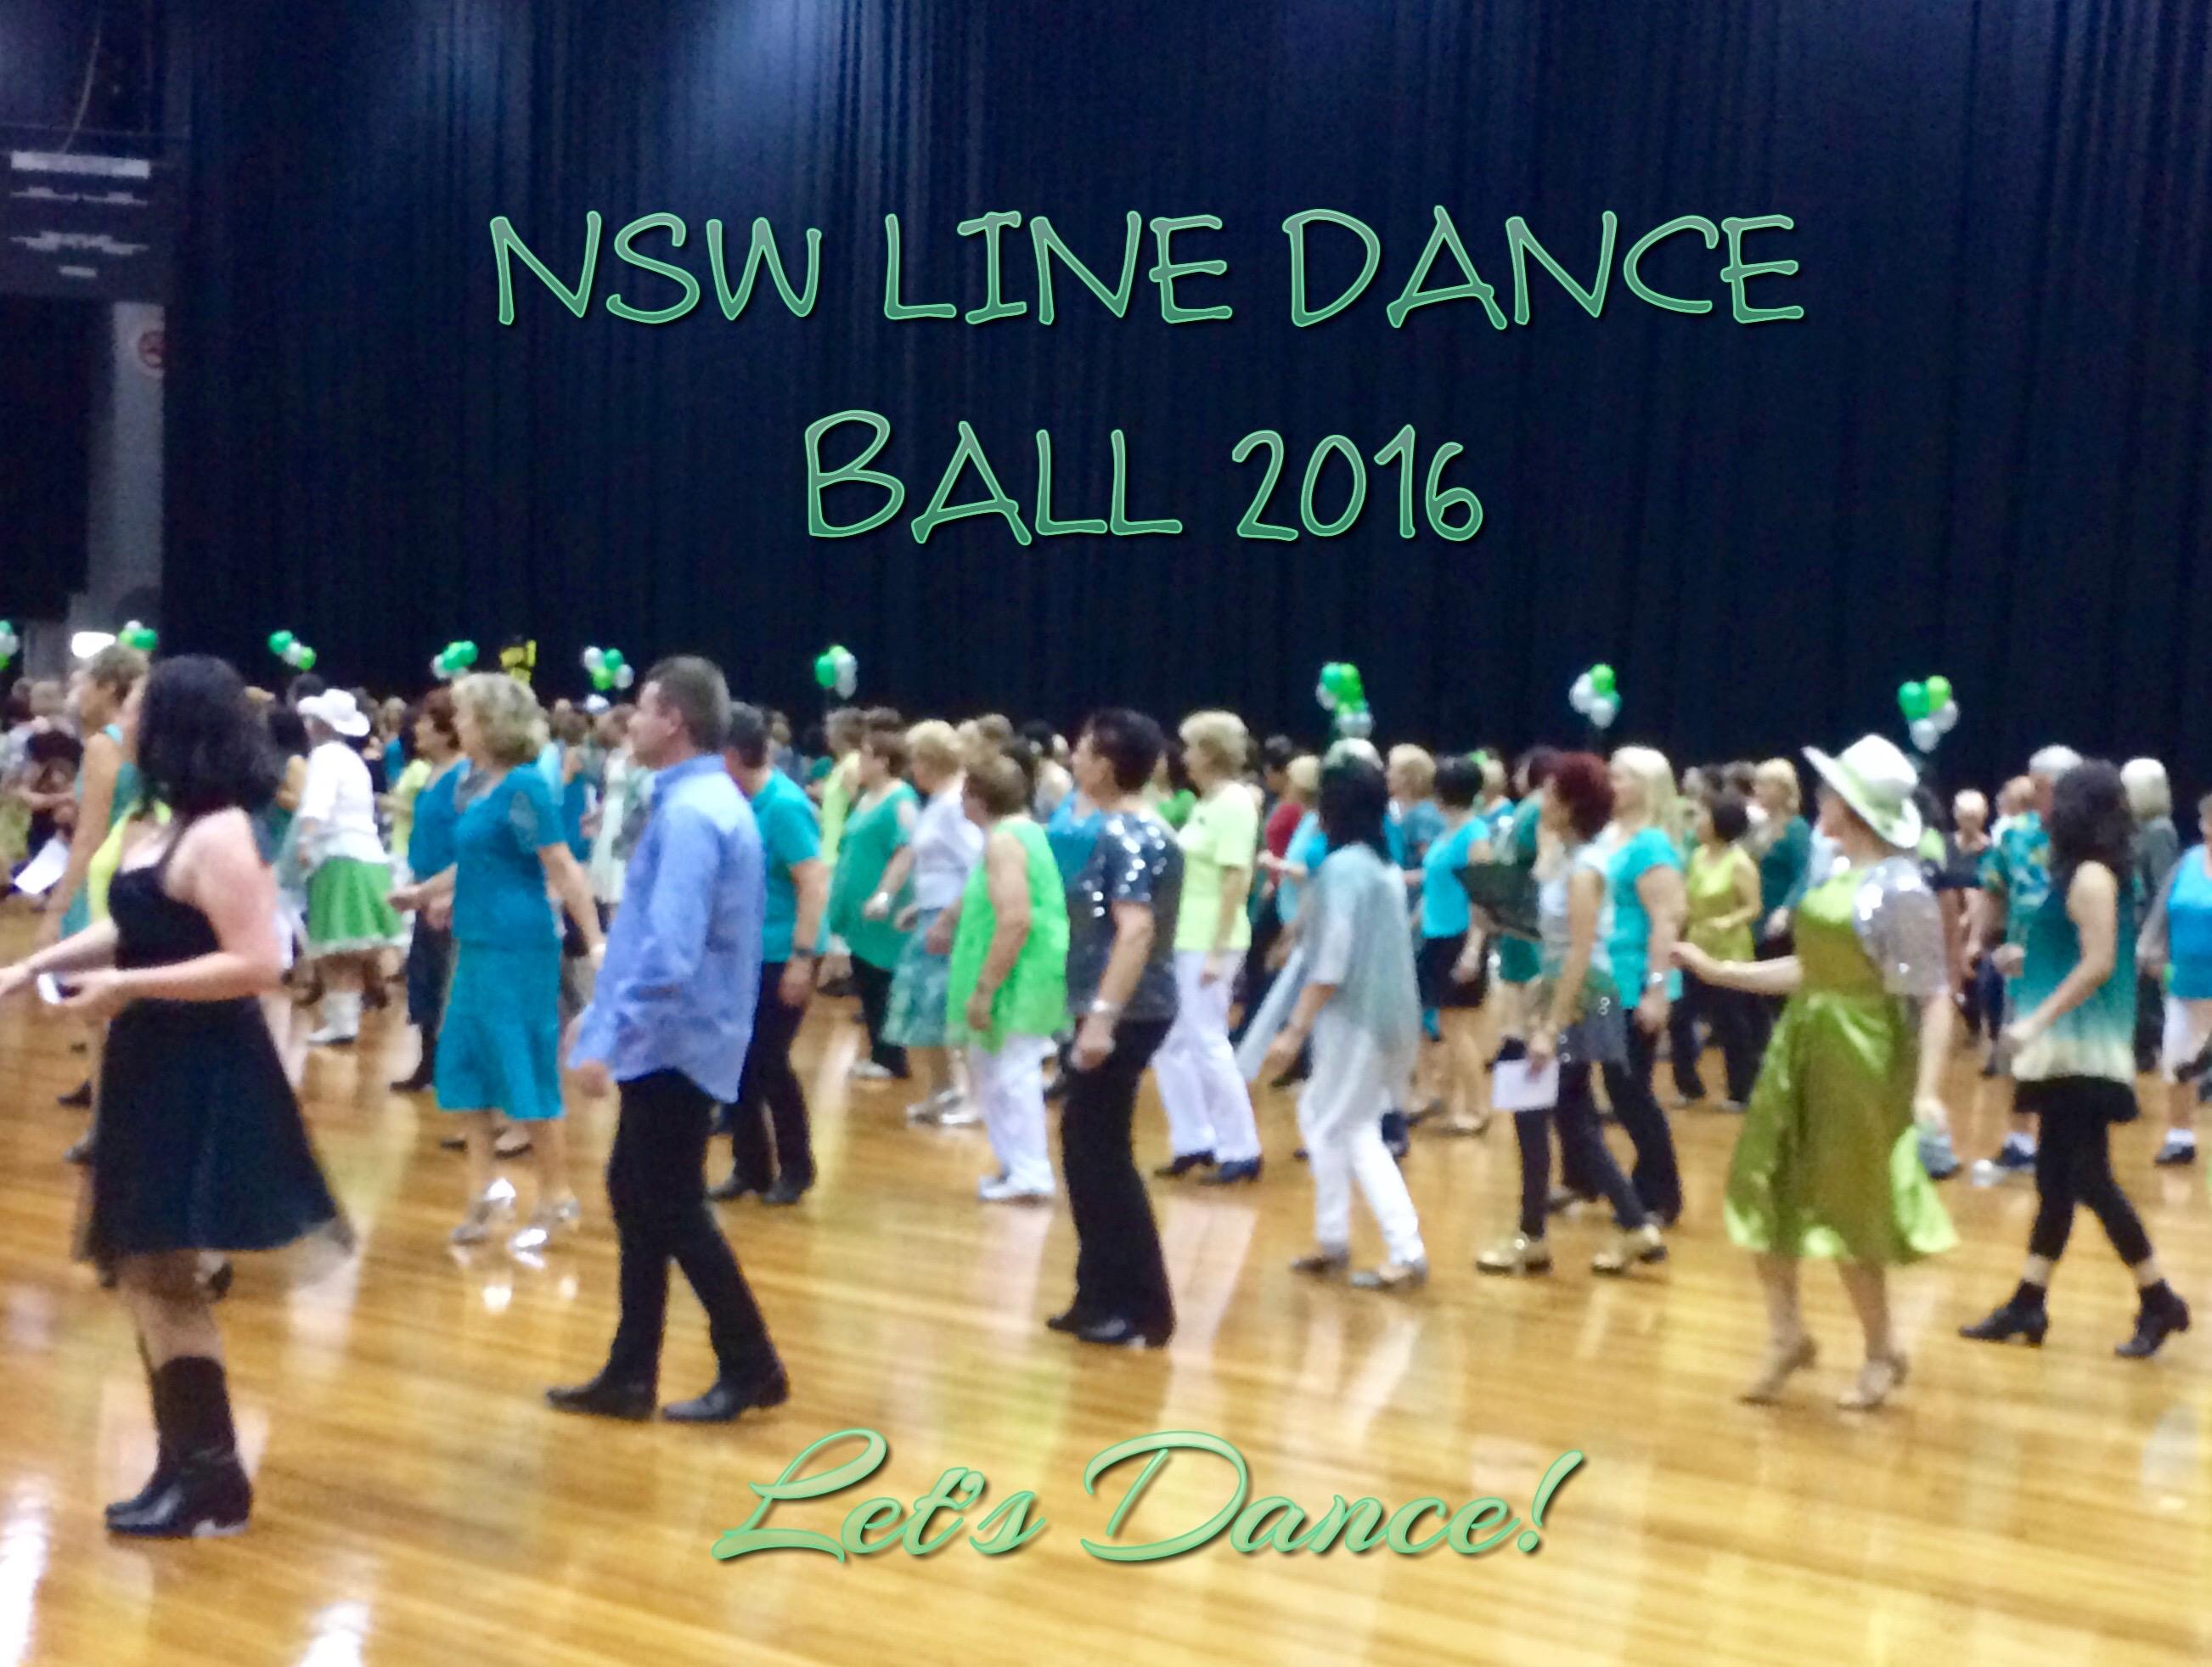 Ball 2016